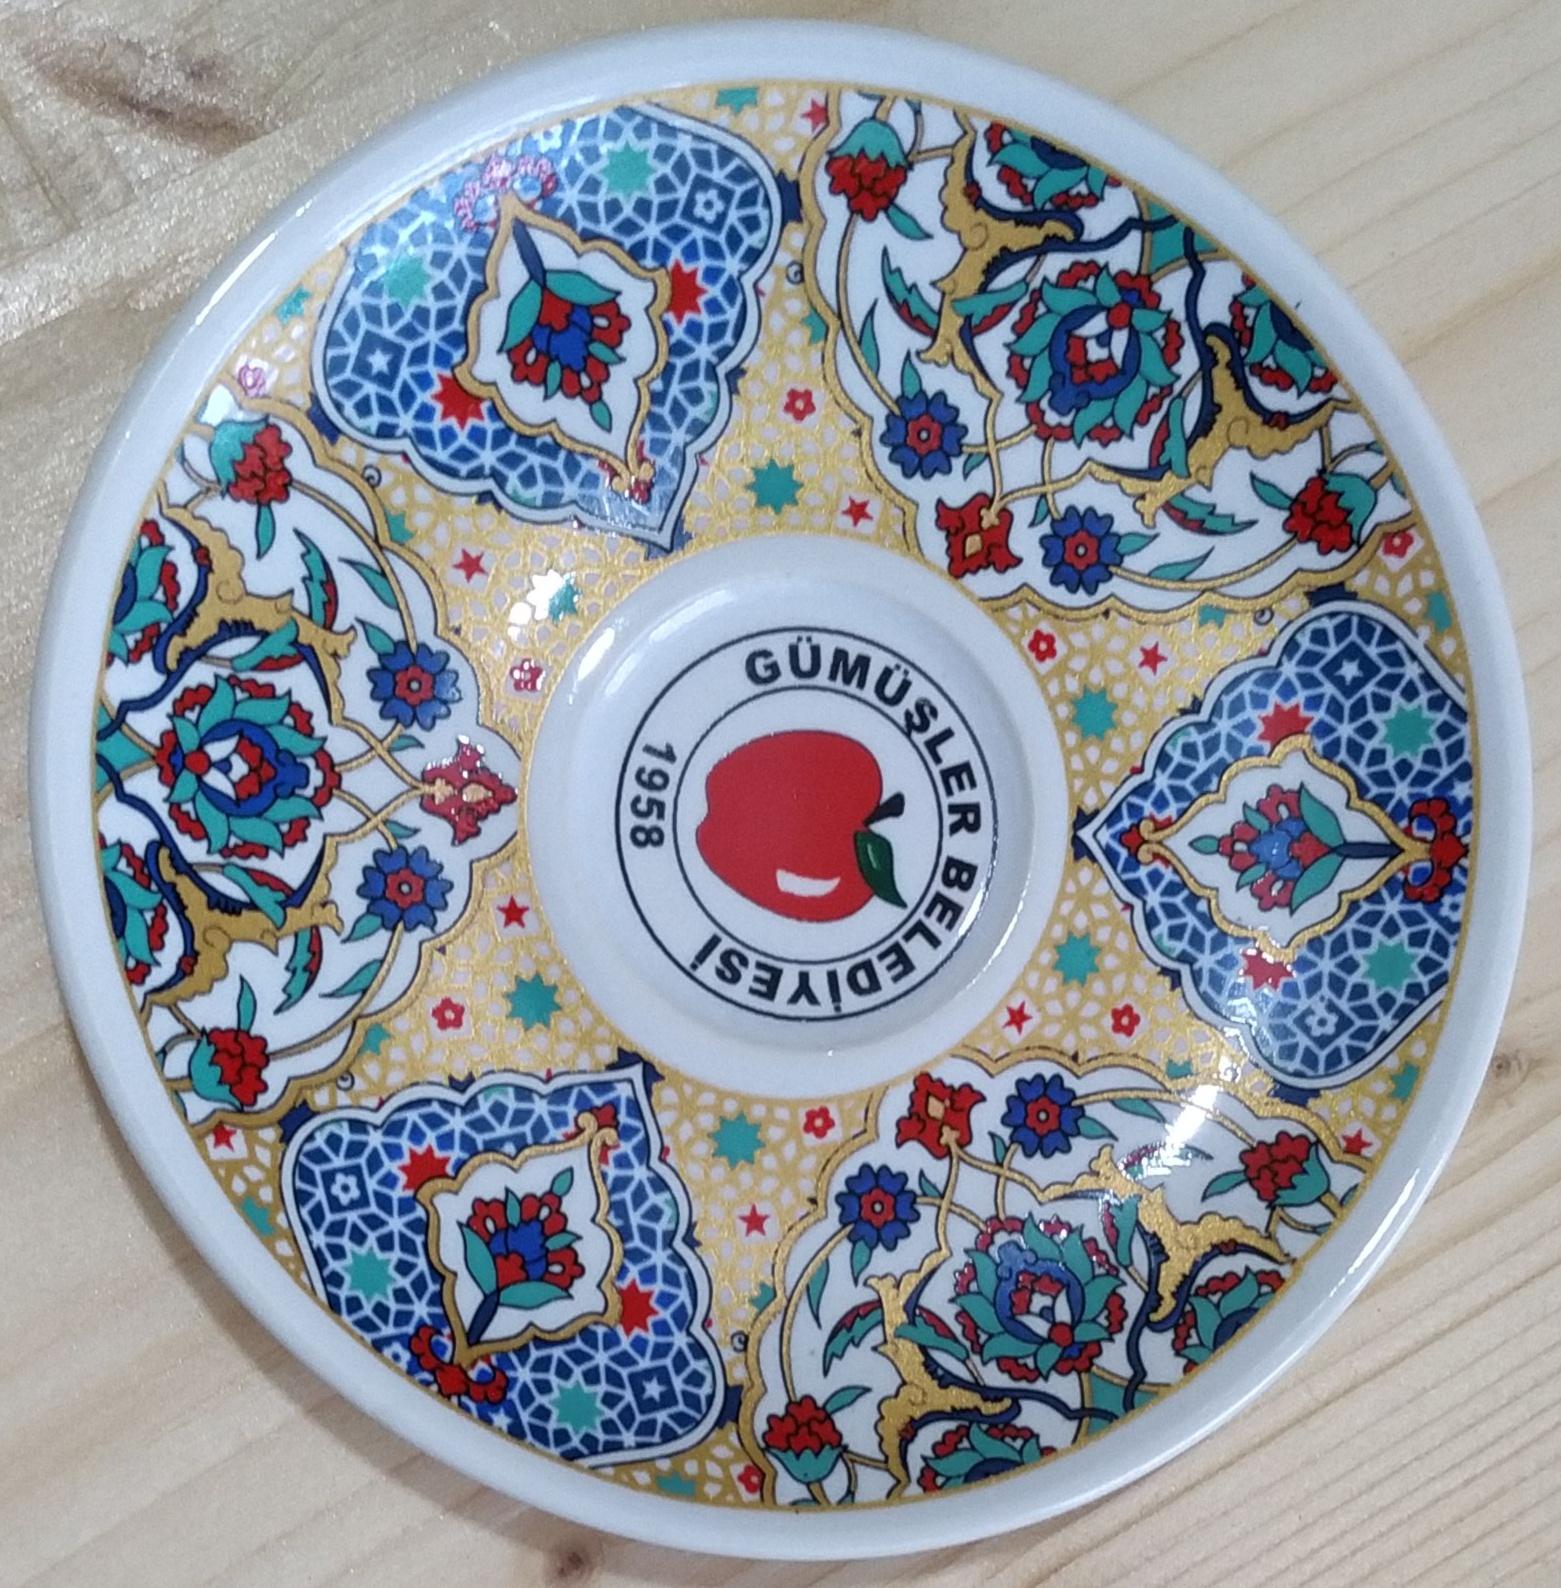 Promosyonluk Belediyeler için logolu nikah hediyesi Gümüşler Belediyesi